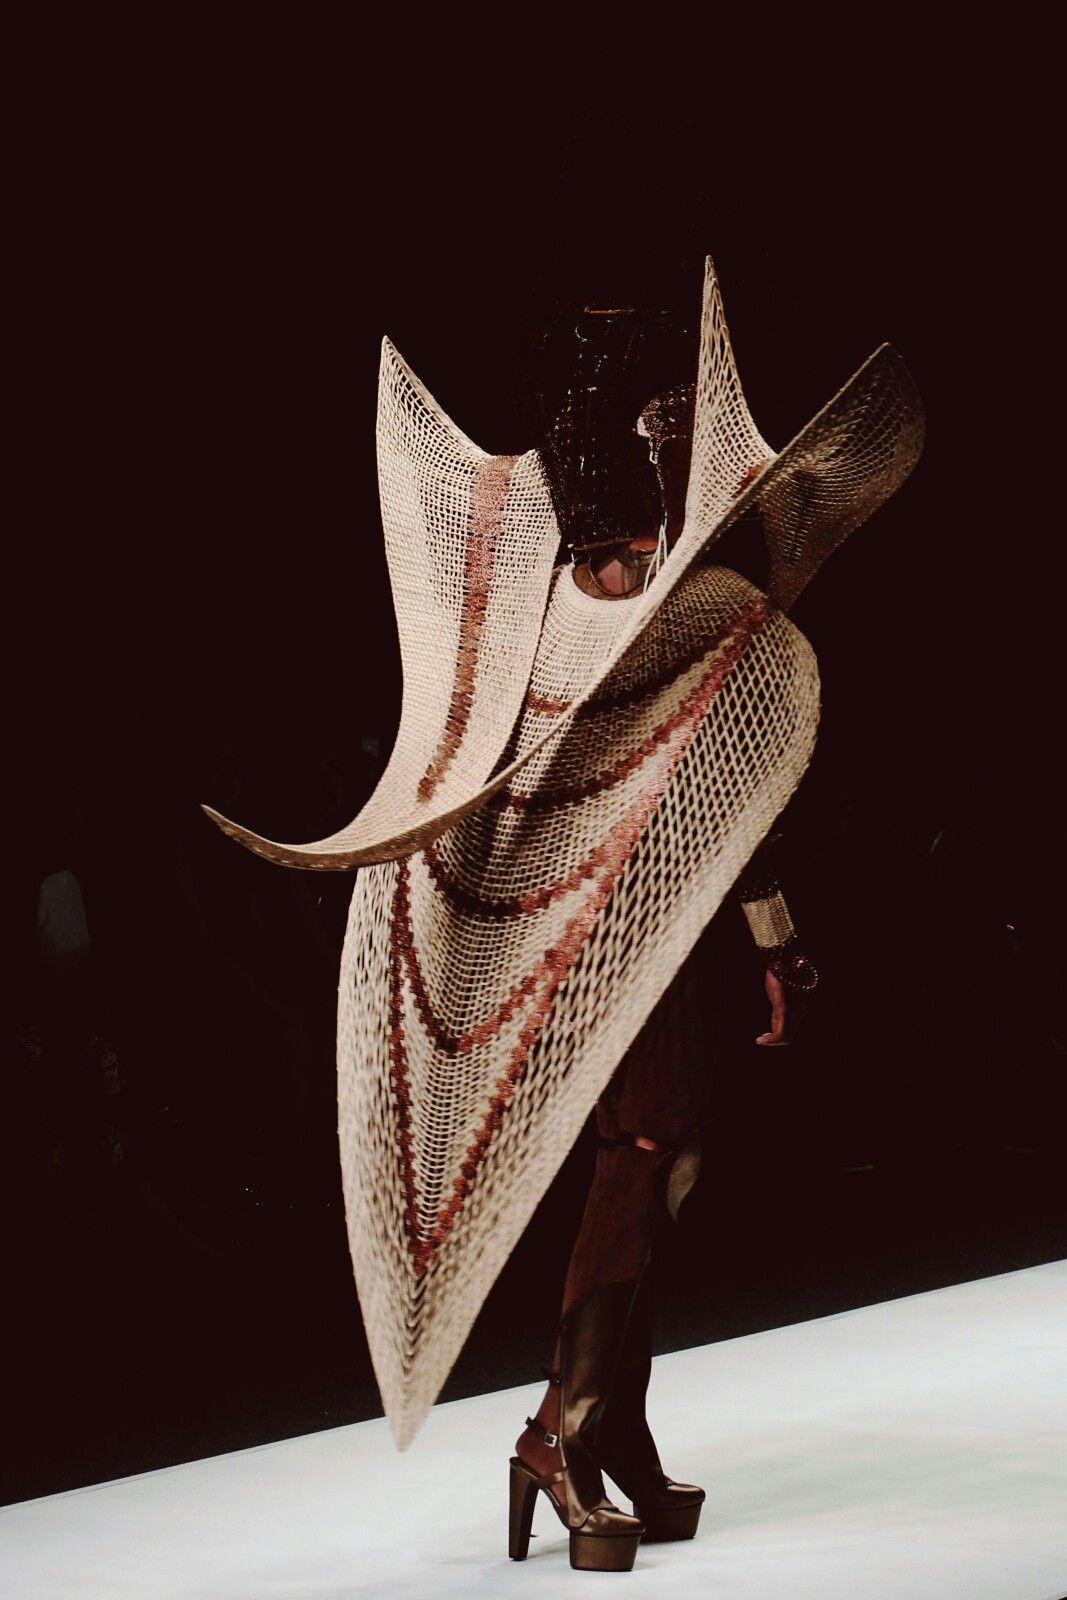 The Lady Warrior By Rinaldy A Yunardi Conceptual Fashion